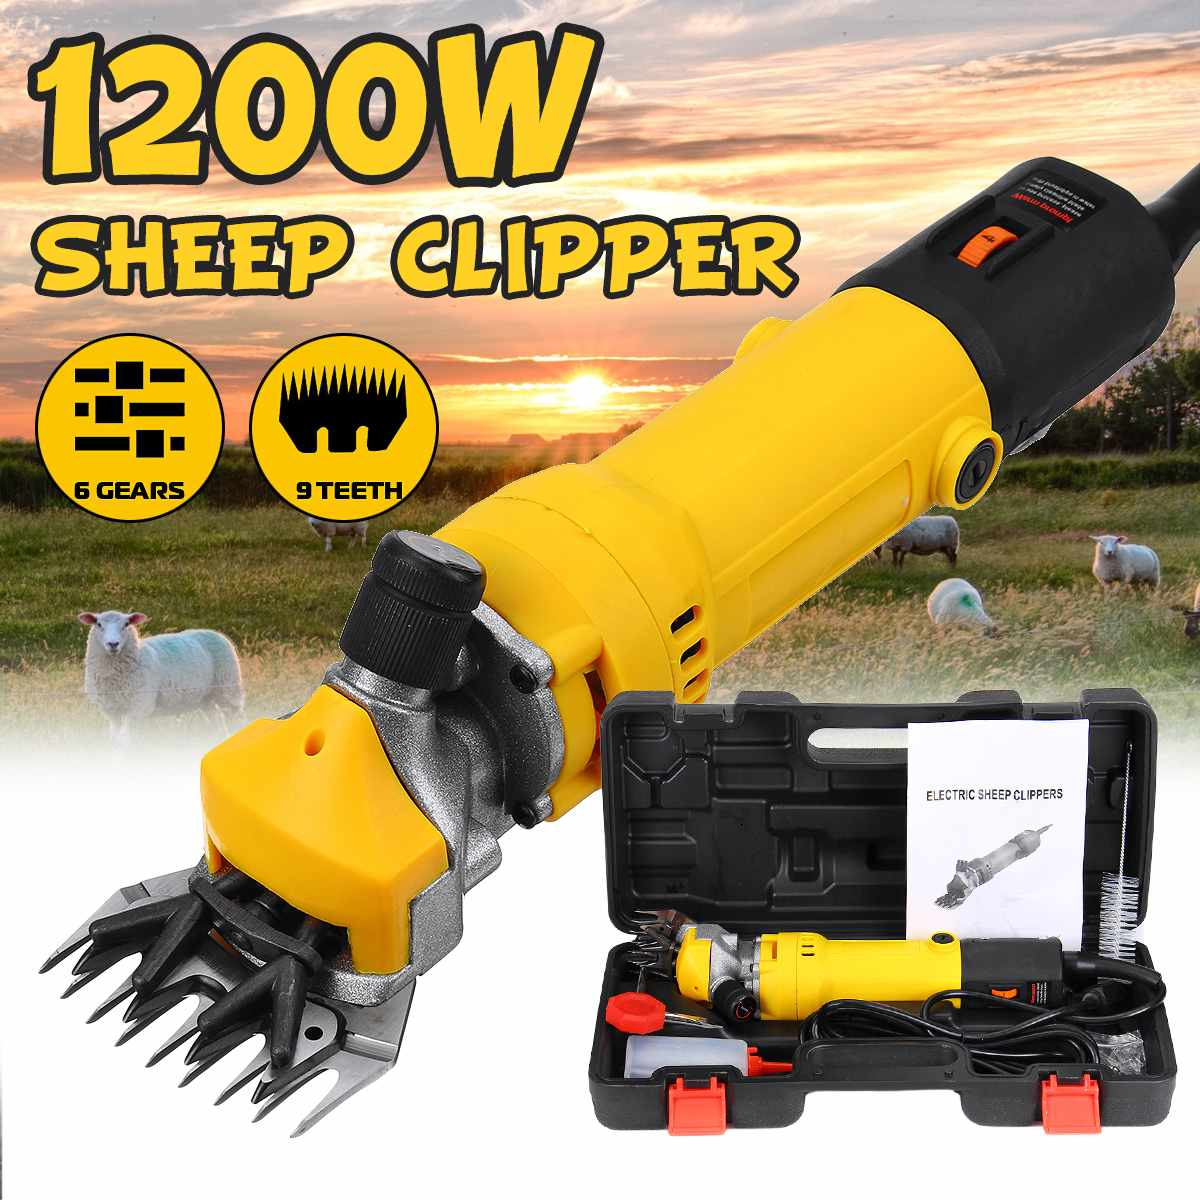 1200W 110V/220V 6 Gears Speed Electric Sheep Goat Shearing Machine Clipper Farm Shears Cutter Wool scissor Cut Machine|Scissors| |  - title=